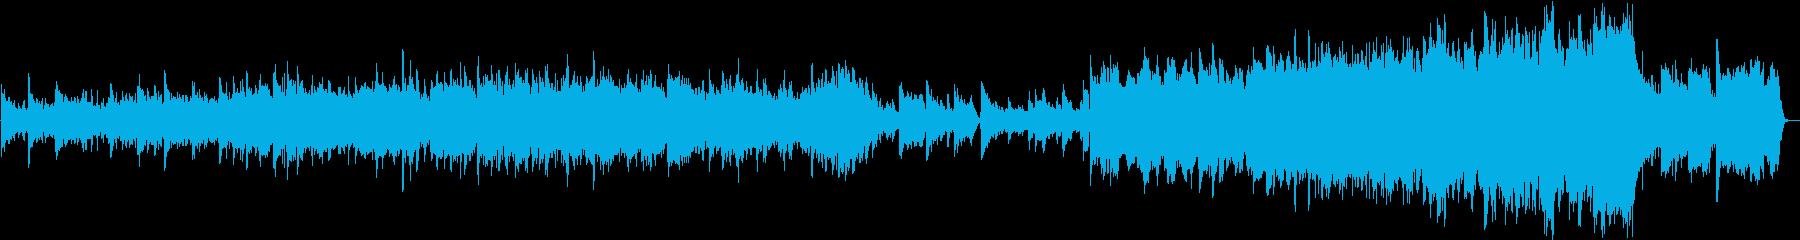 ニューエイジ研究所くつろぎの雰囲気。の再生済みの波形